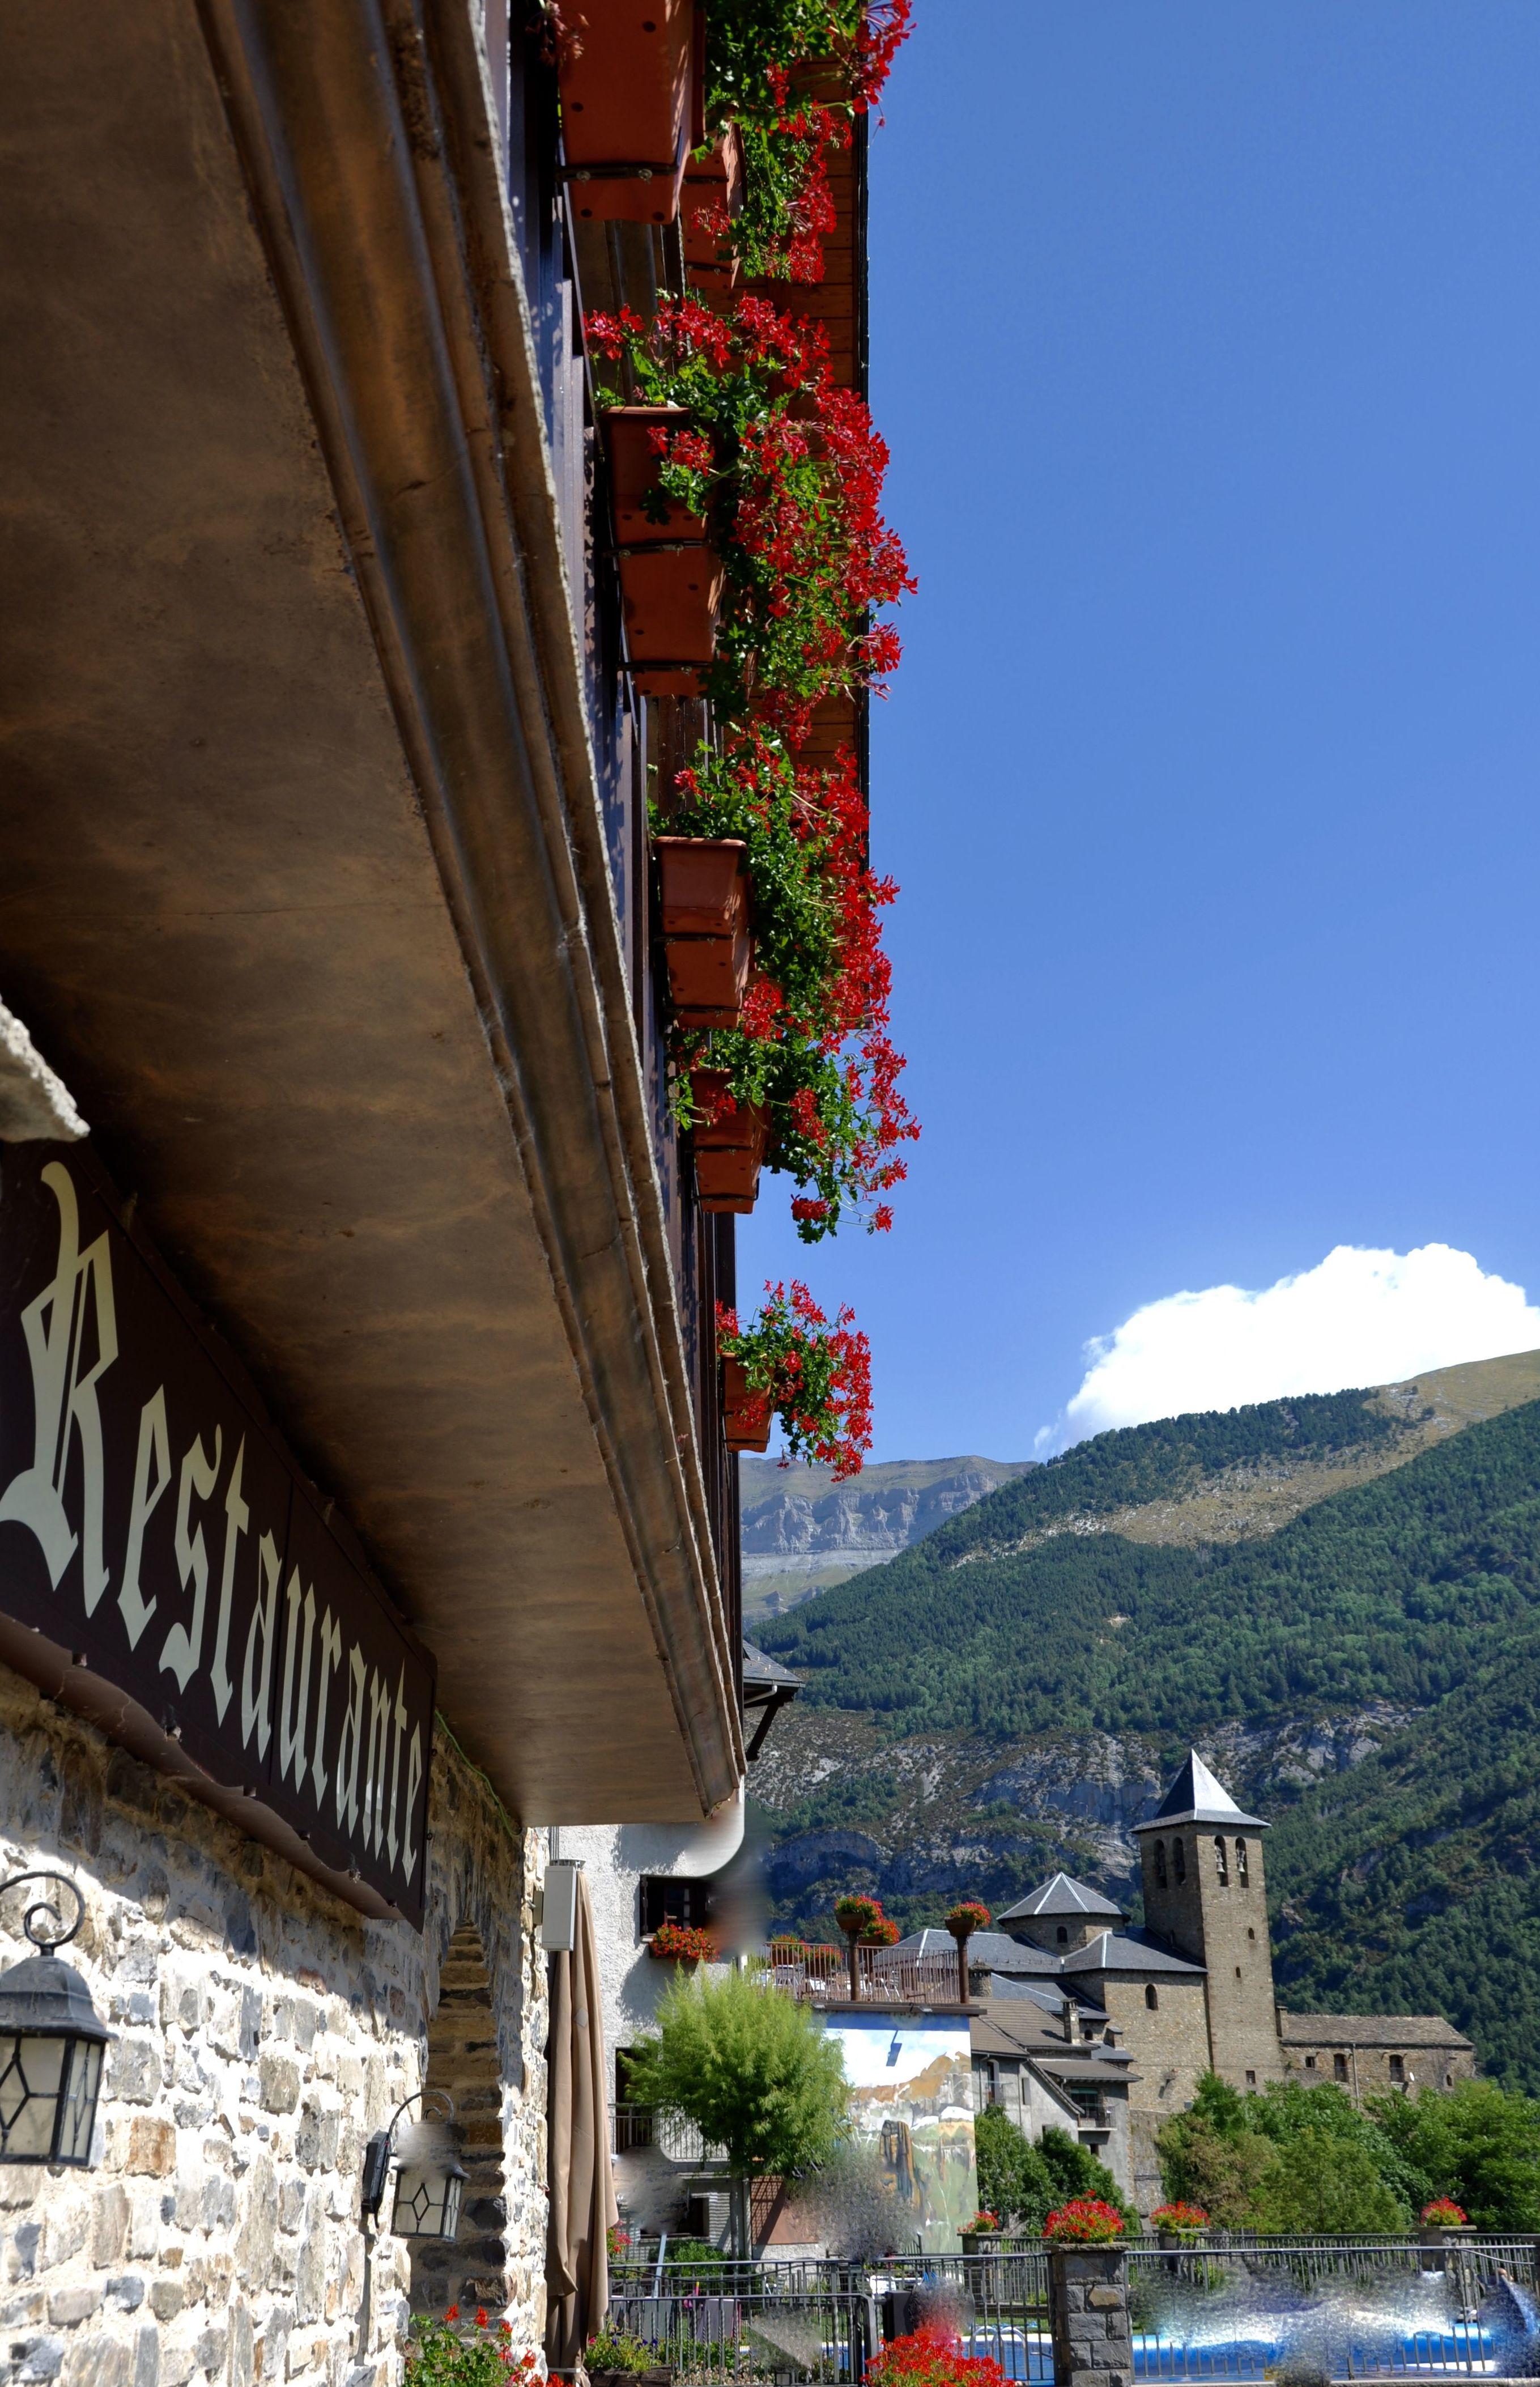 Fachada de los balcones de los apartamentos Ordesa y Torla con sus vistas.